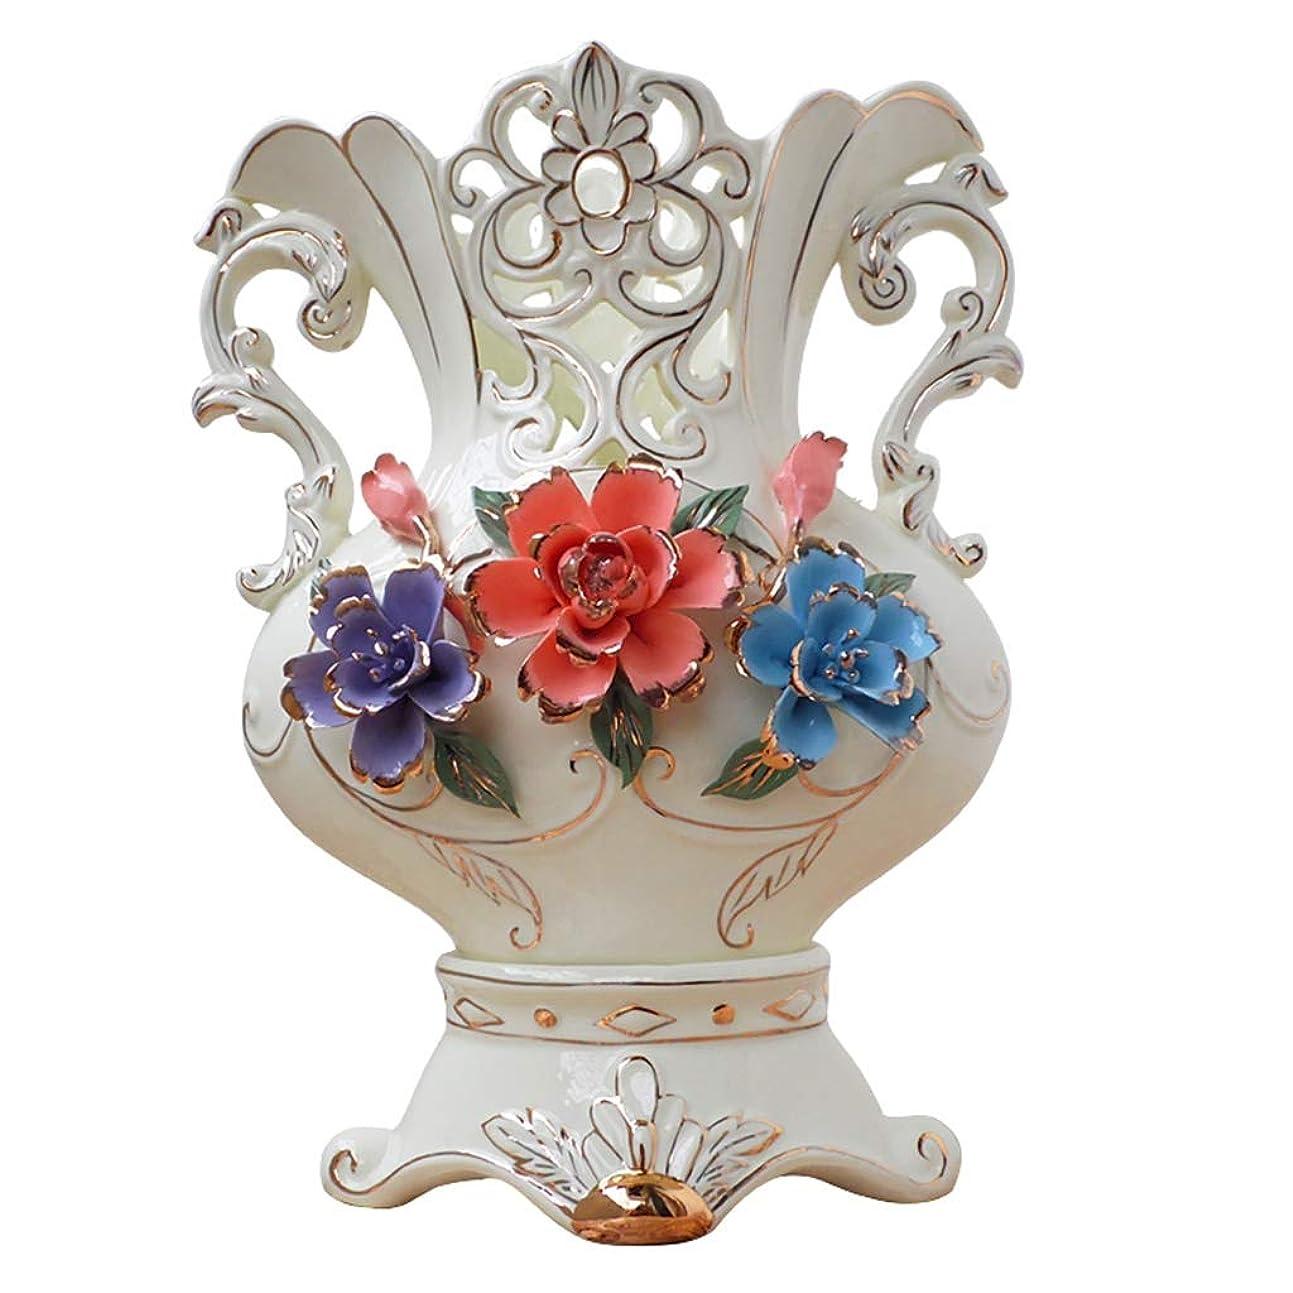 フィクションスマッシュ商品花瓶 ダブル耳世帯リビングルームのテレビキャビネットポーチ磁器の装飾装飾工芸で乾燥させ、人工花のアレンジメントのためのヨーロッパのセラミック花瓶、 (Color : 26x15x35cm)